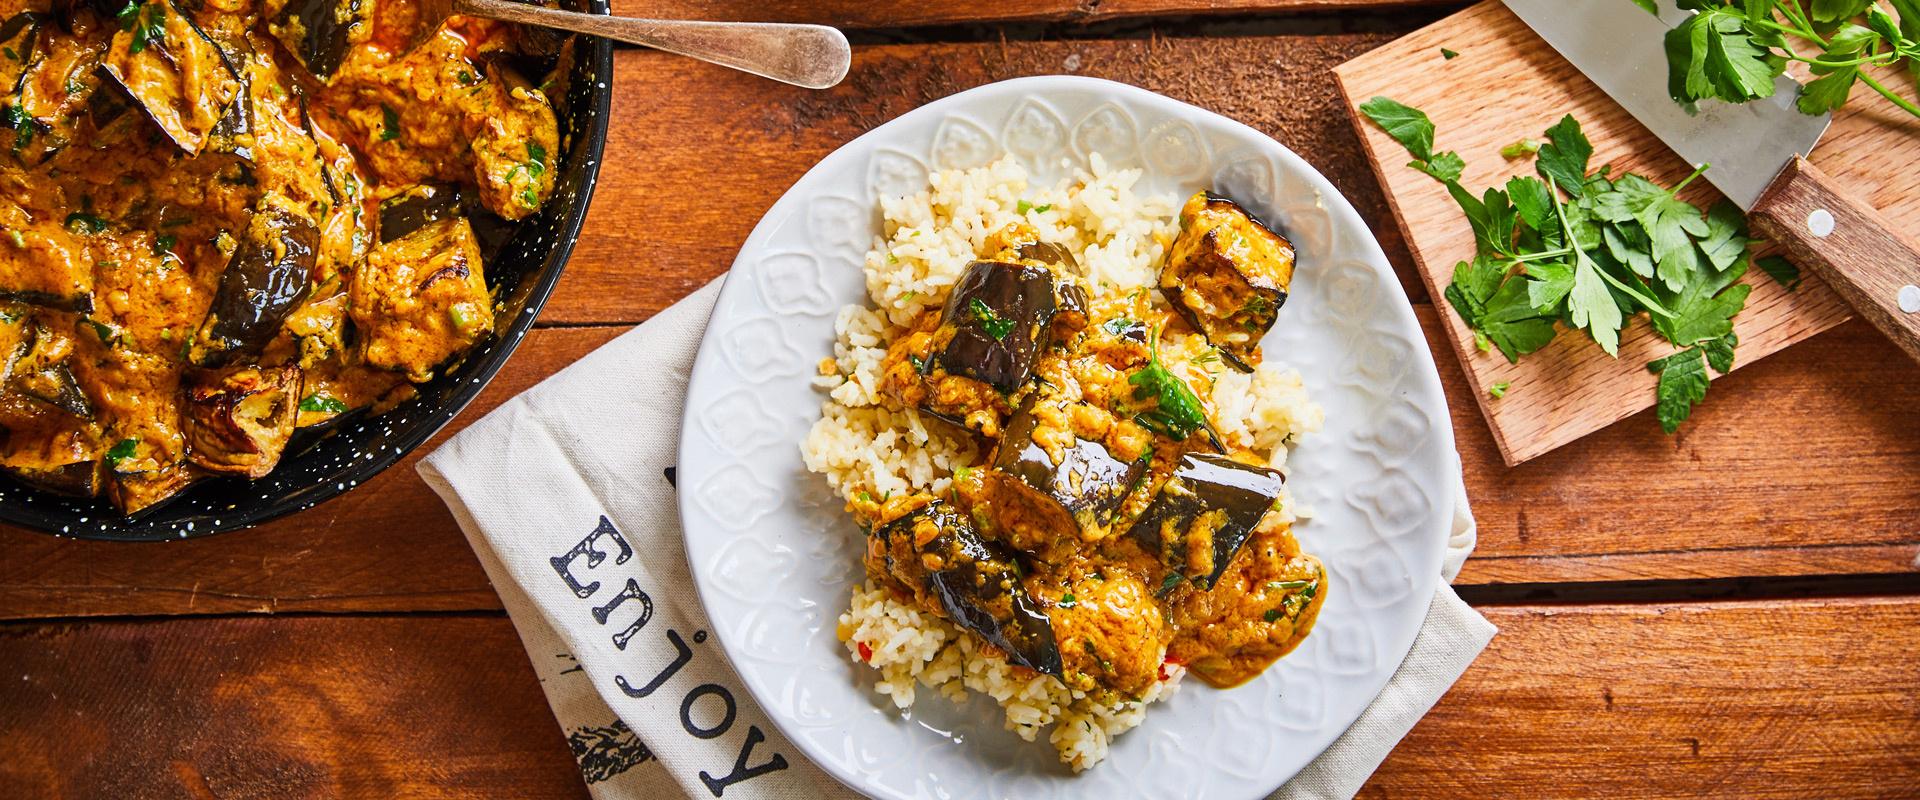 Padlizsános-curry2